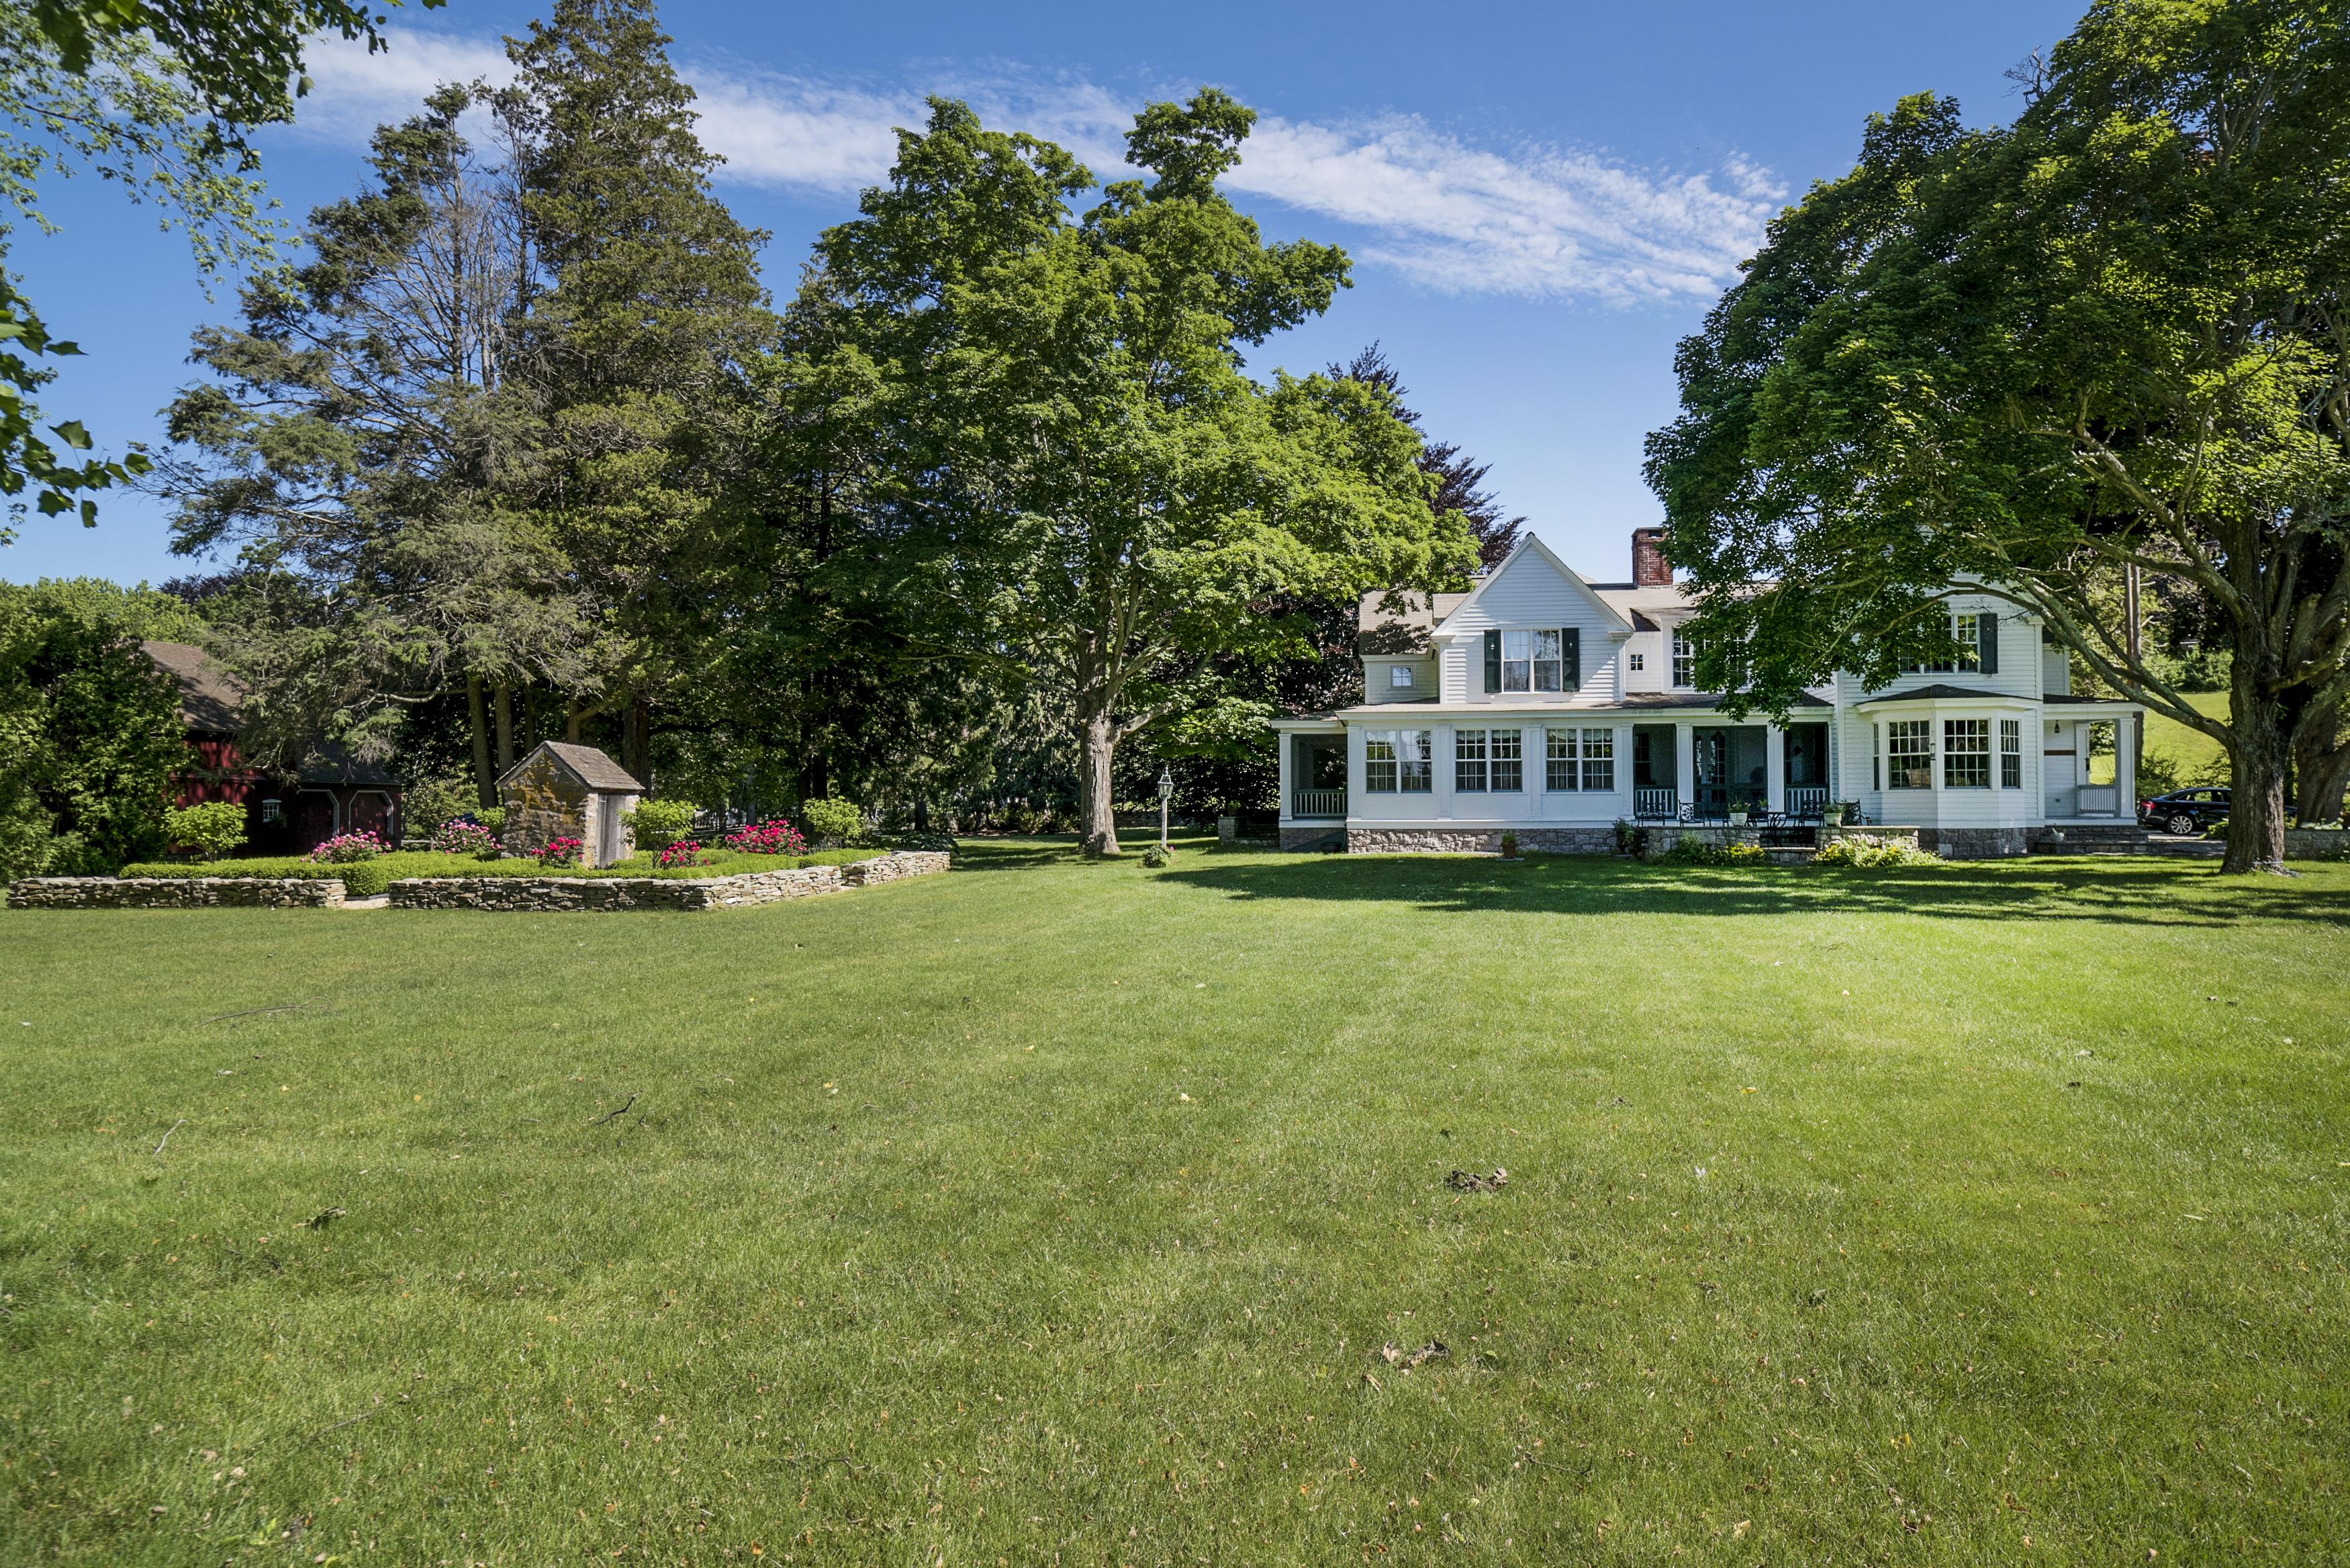 Maison unifamiliale pour l Vente à 100 Liberty Street Madison, Connecticut 06443 États-Unis